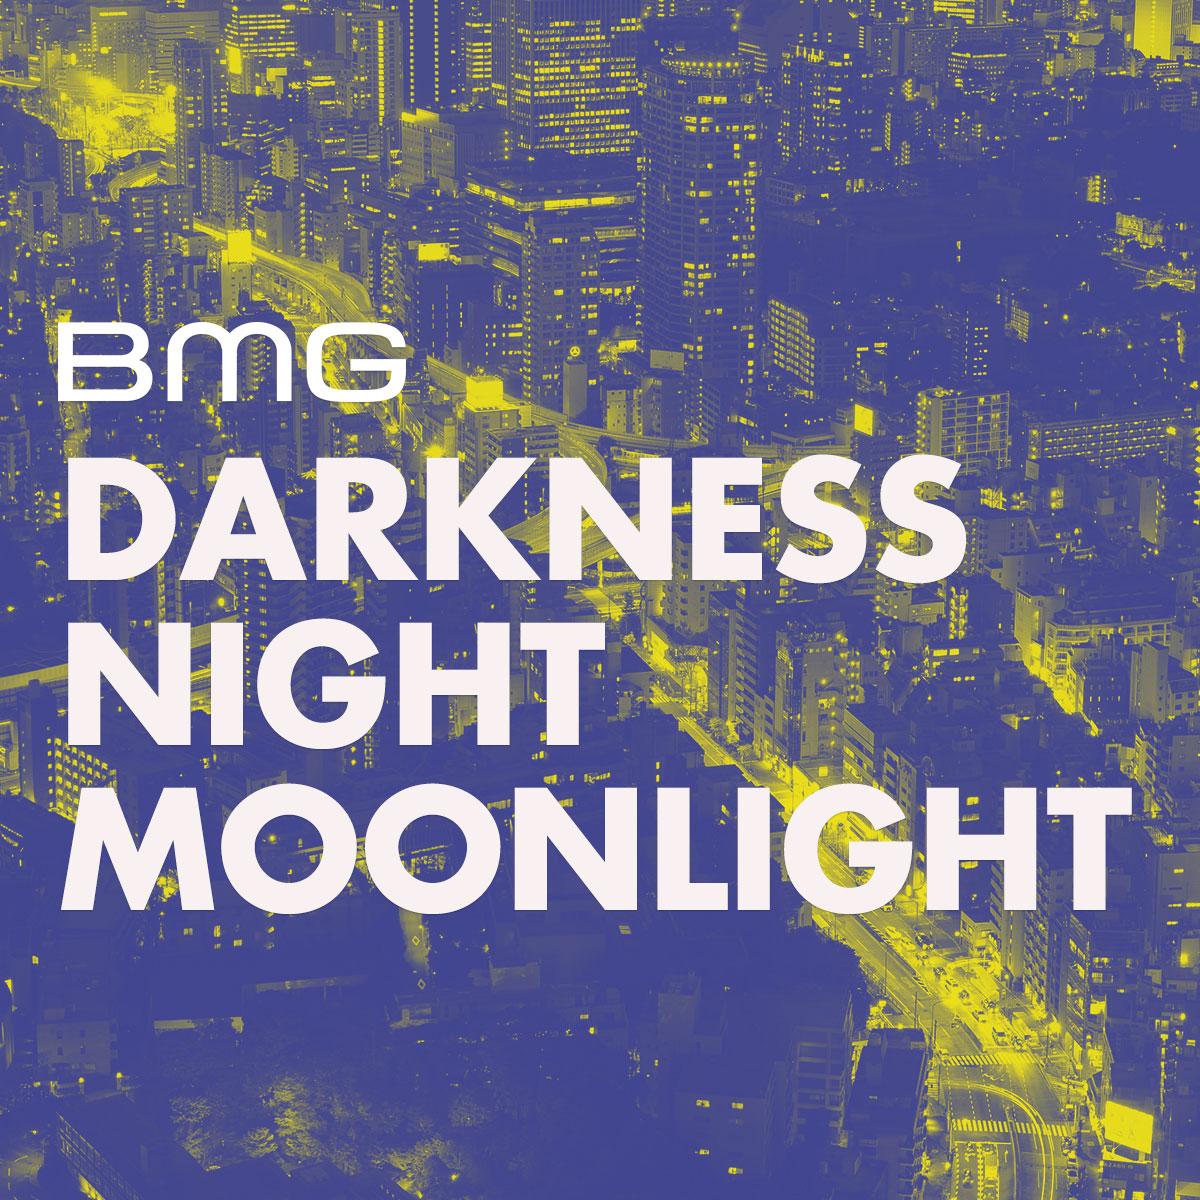 1200-x-1200-Darkness-Night-Moonlight.jpg